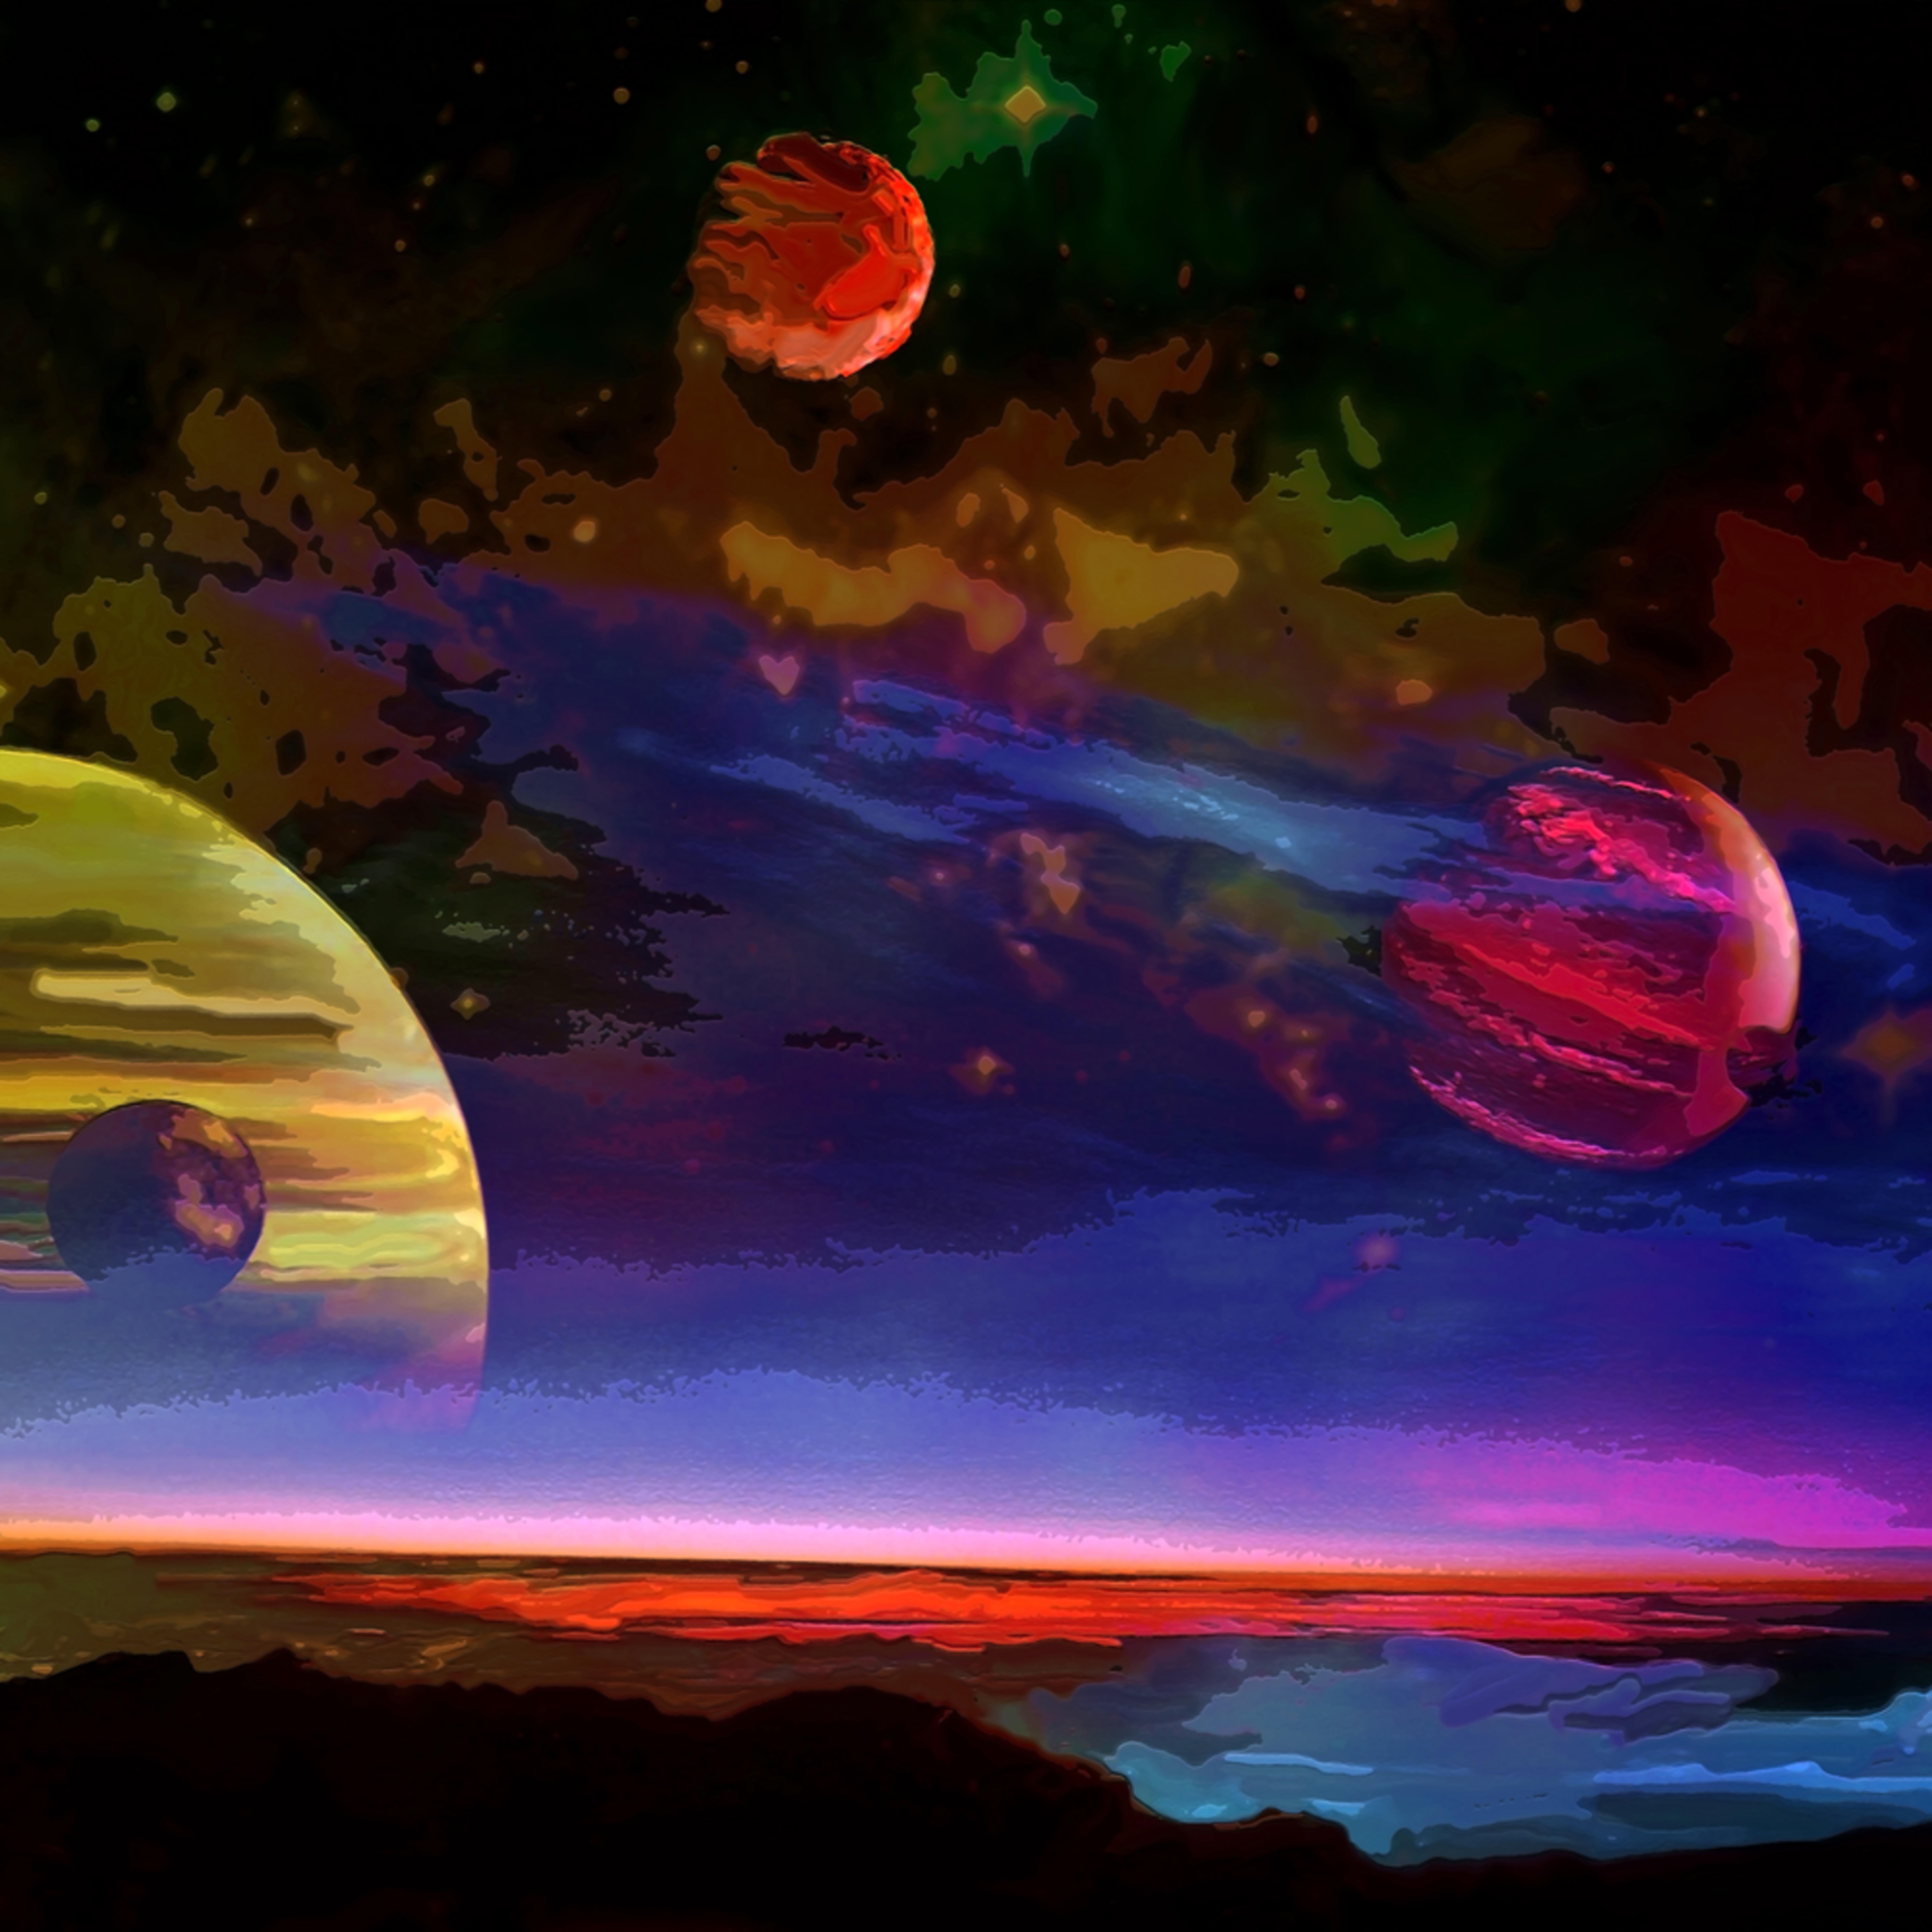 Moons of jupiter lirli8